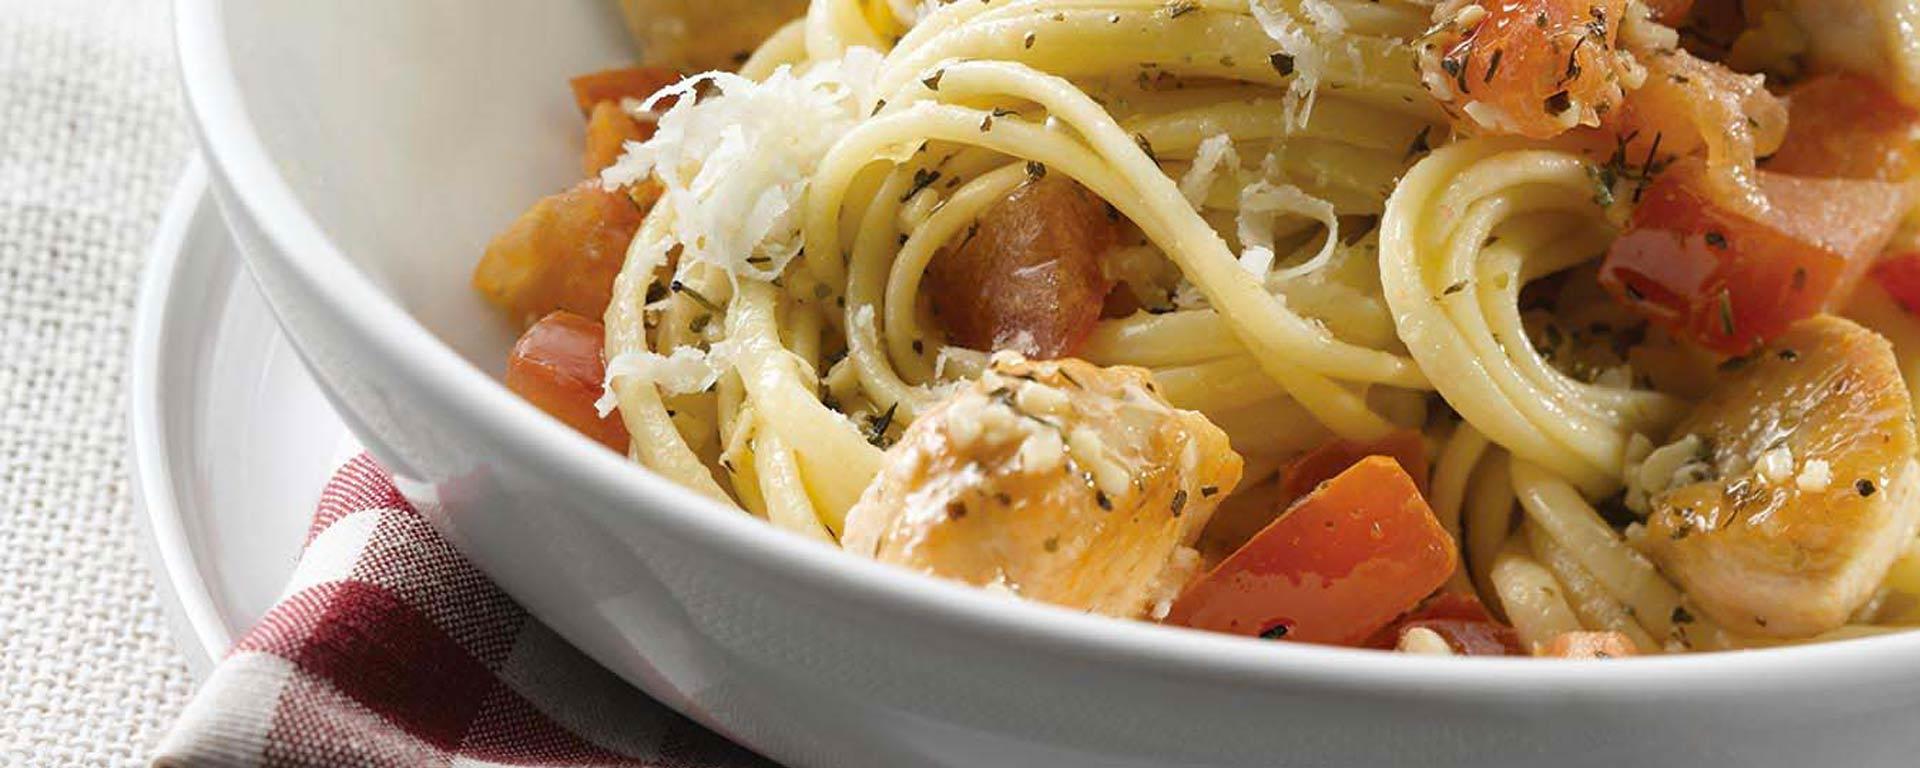 Photo for - Sauce pomodoro avec poulet et linguine